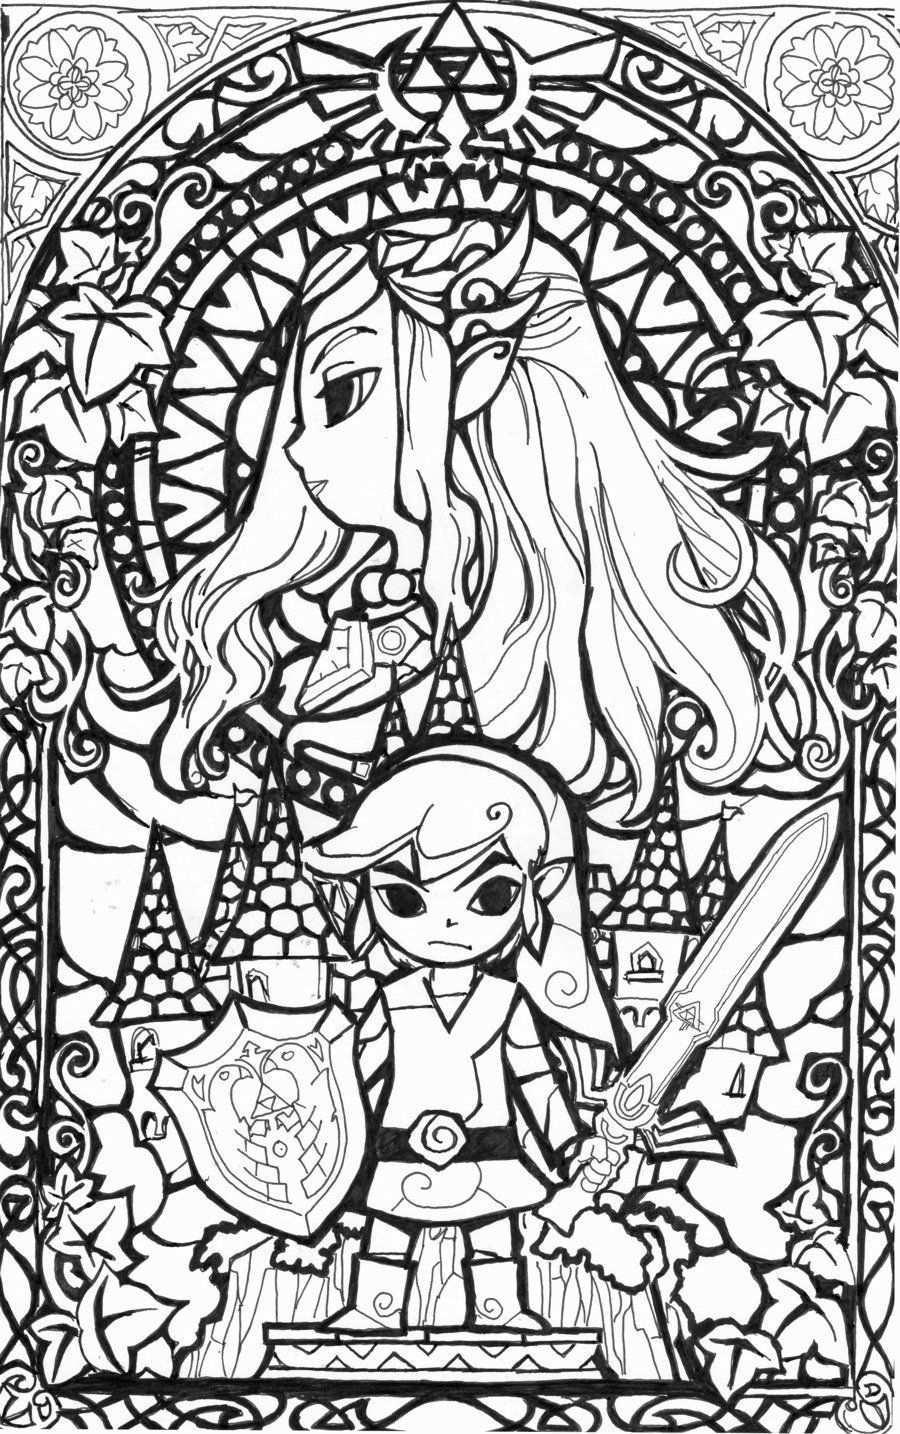 Legend Of Zelda Malbuch Inspirational Awesome Glasmalerei Zelda Coloring Coloring Page Ideas F Lustige Malvorlagen Ausmalbilder Kostenlose Ausmalbilder